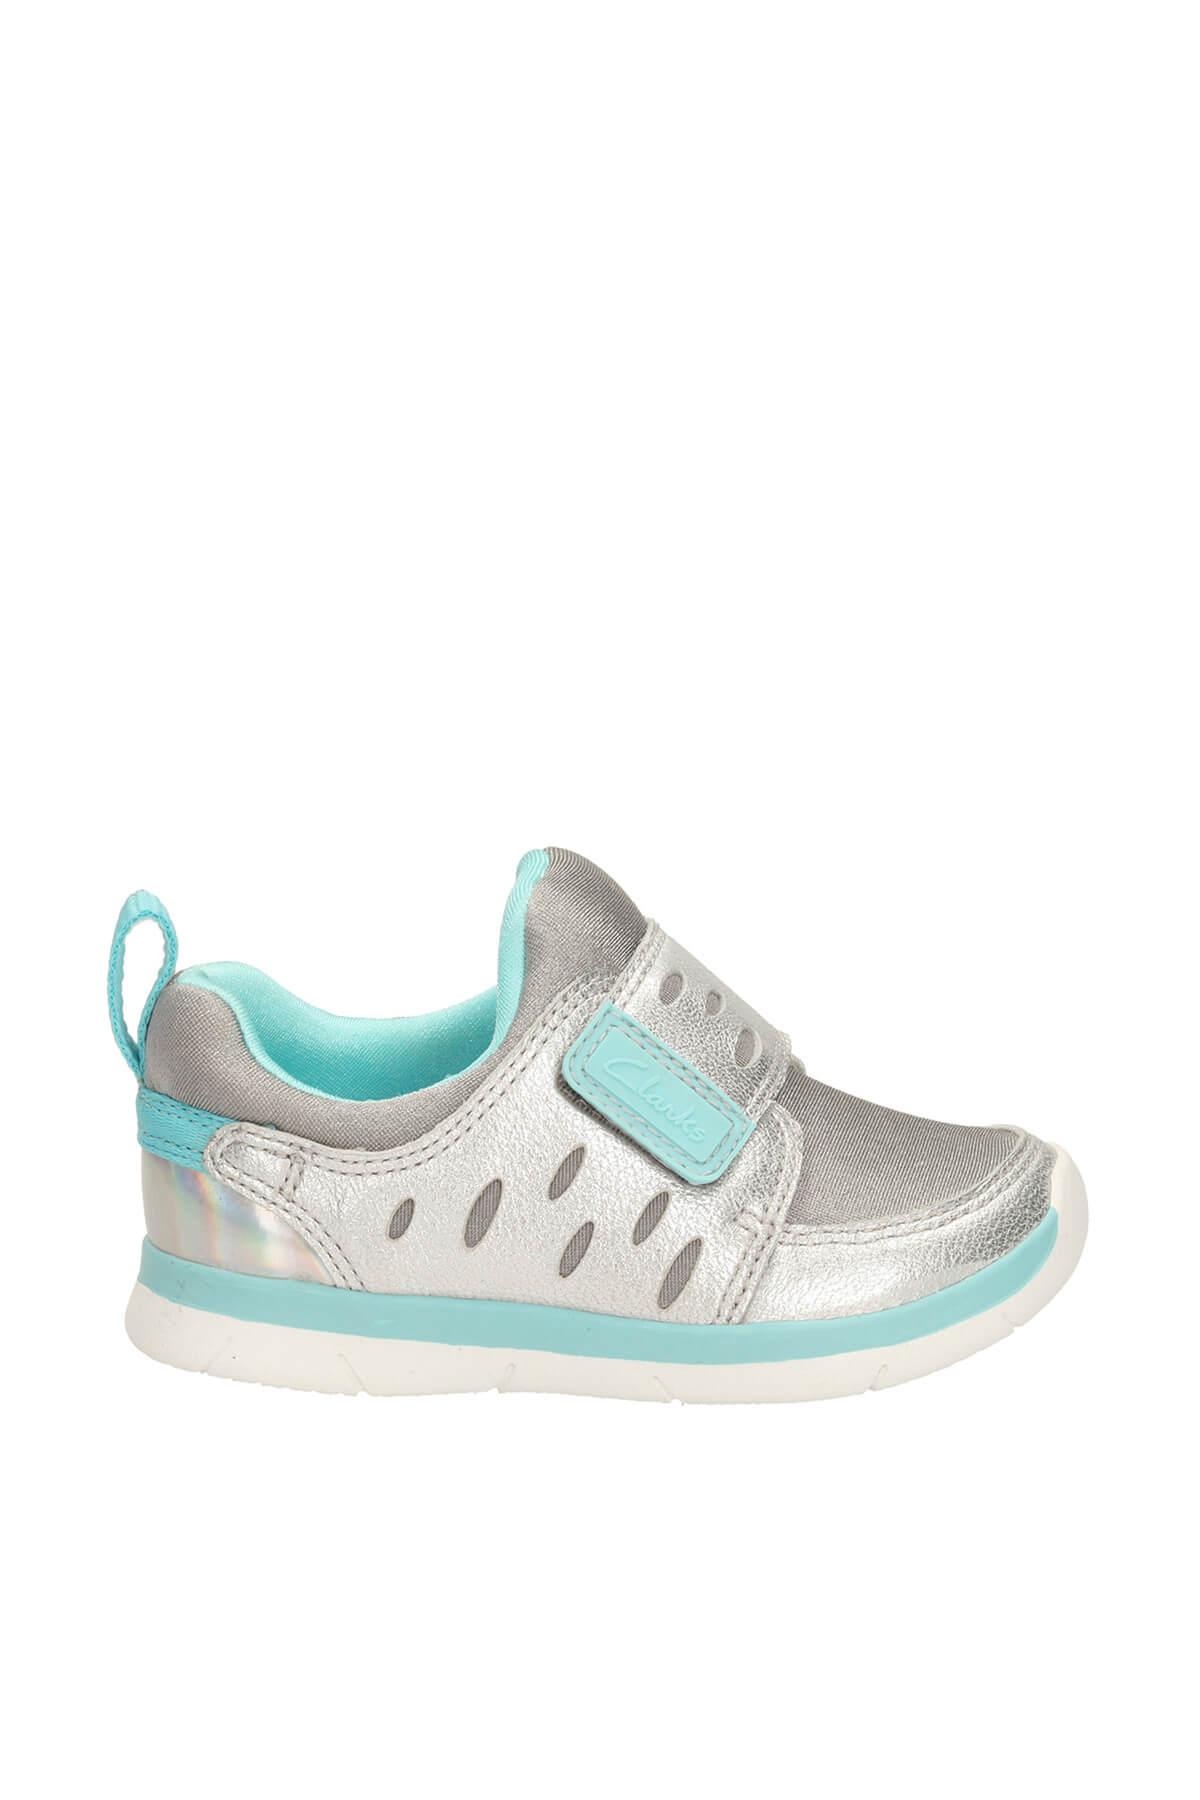 CLARKS Metalik Hakiki Deri Ath Cool Fst Çocuk Ayakkabı 261174567 2